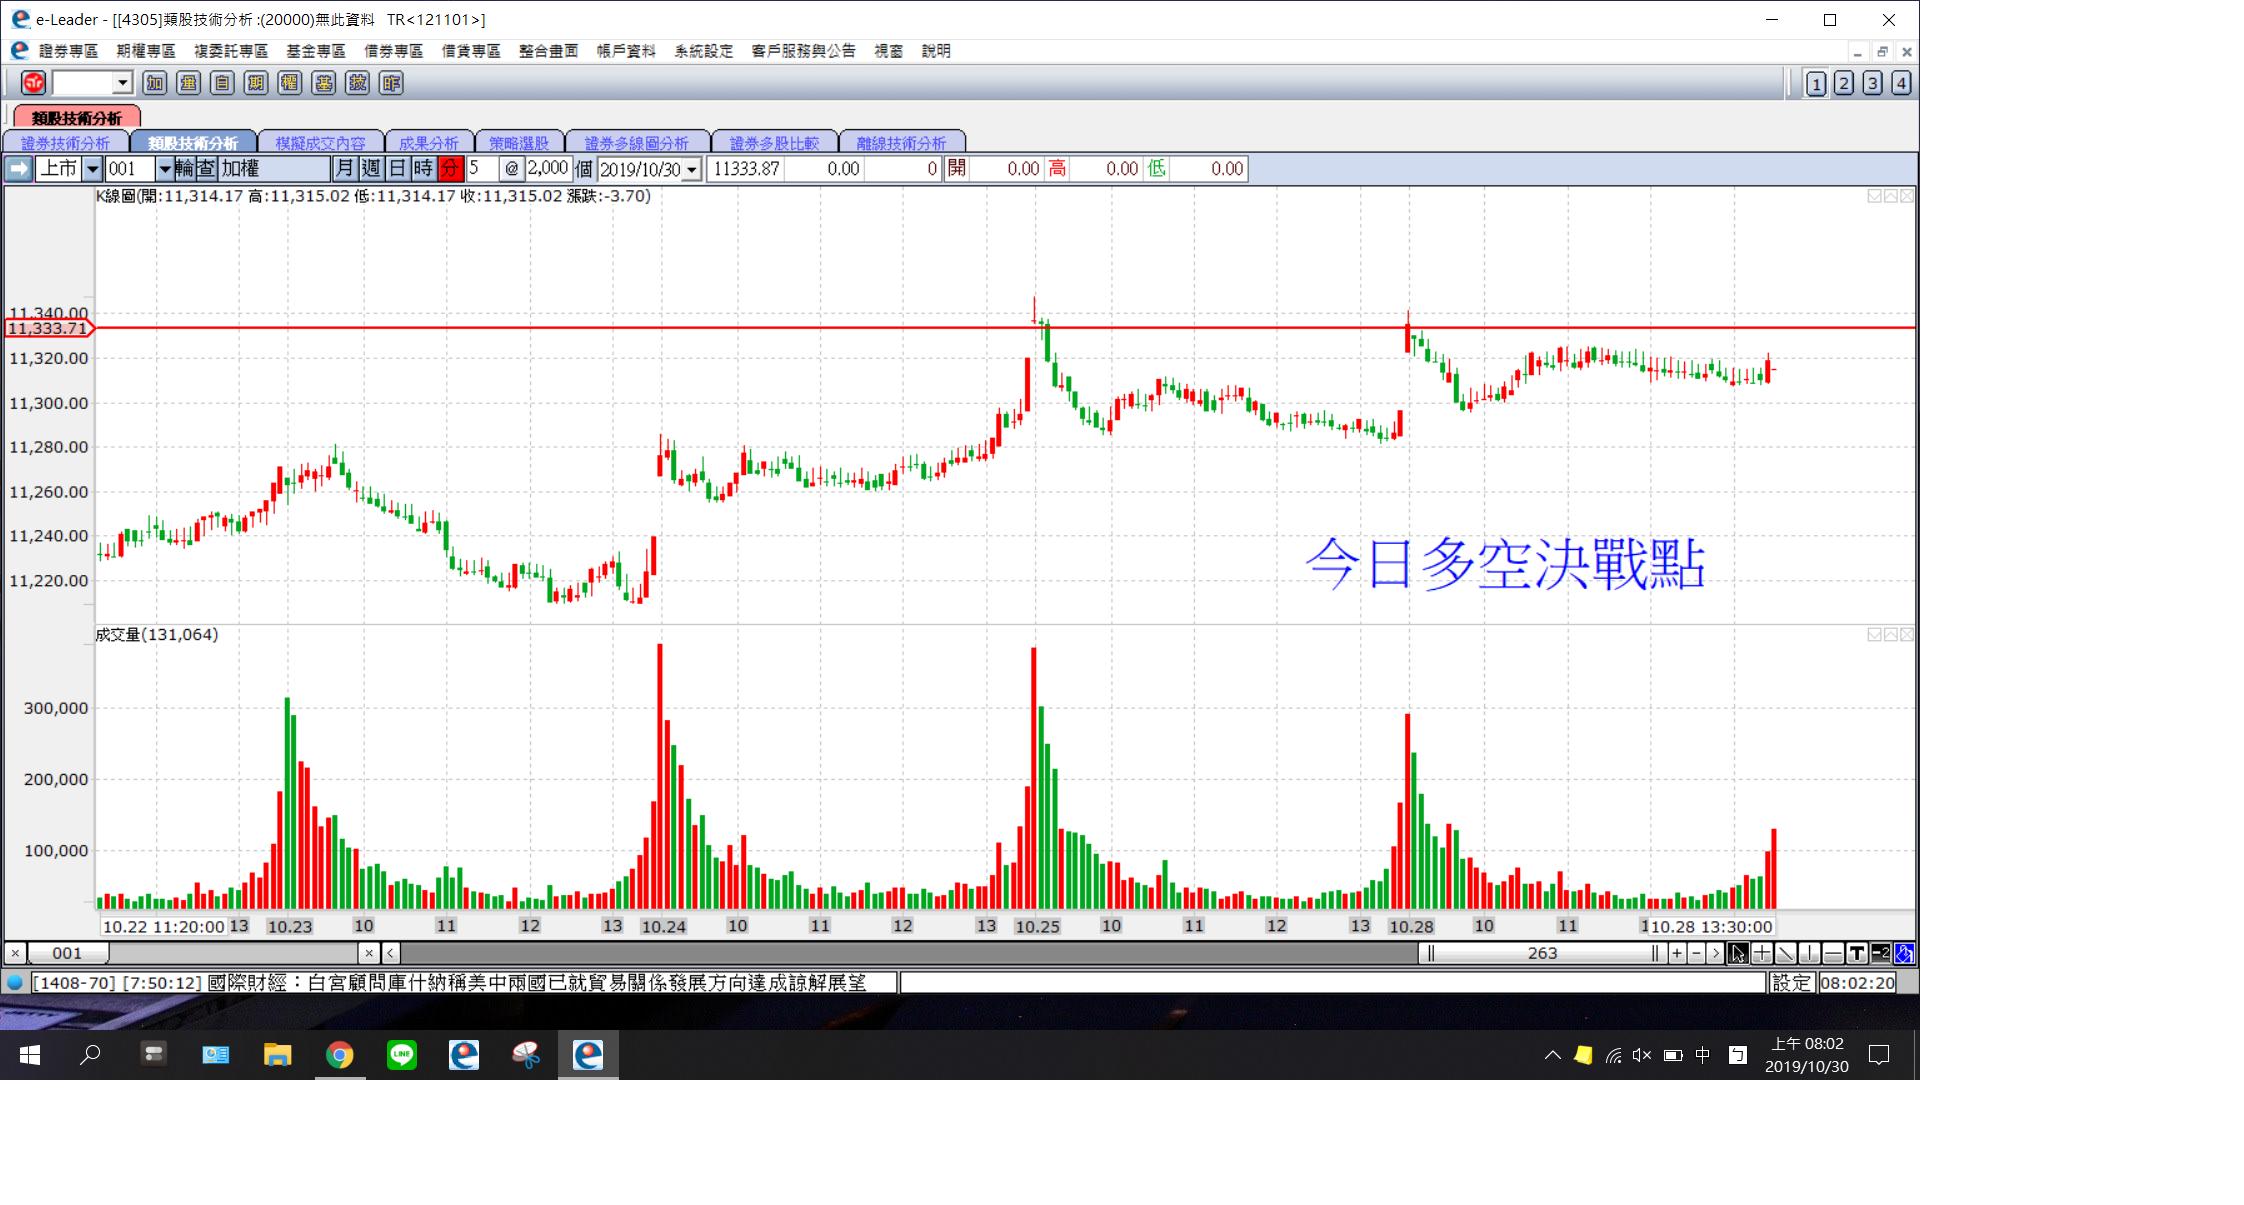 昨日台股的量增,台股在11300之上的關卡,面臨較大的賣壓